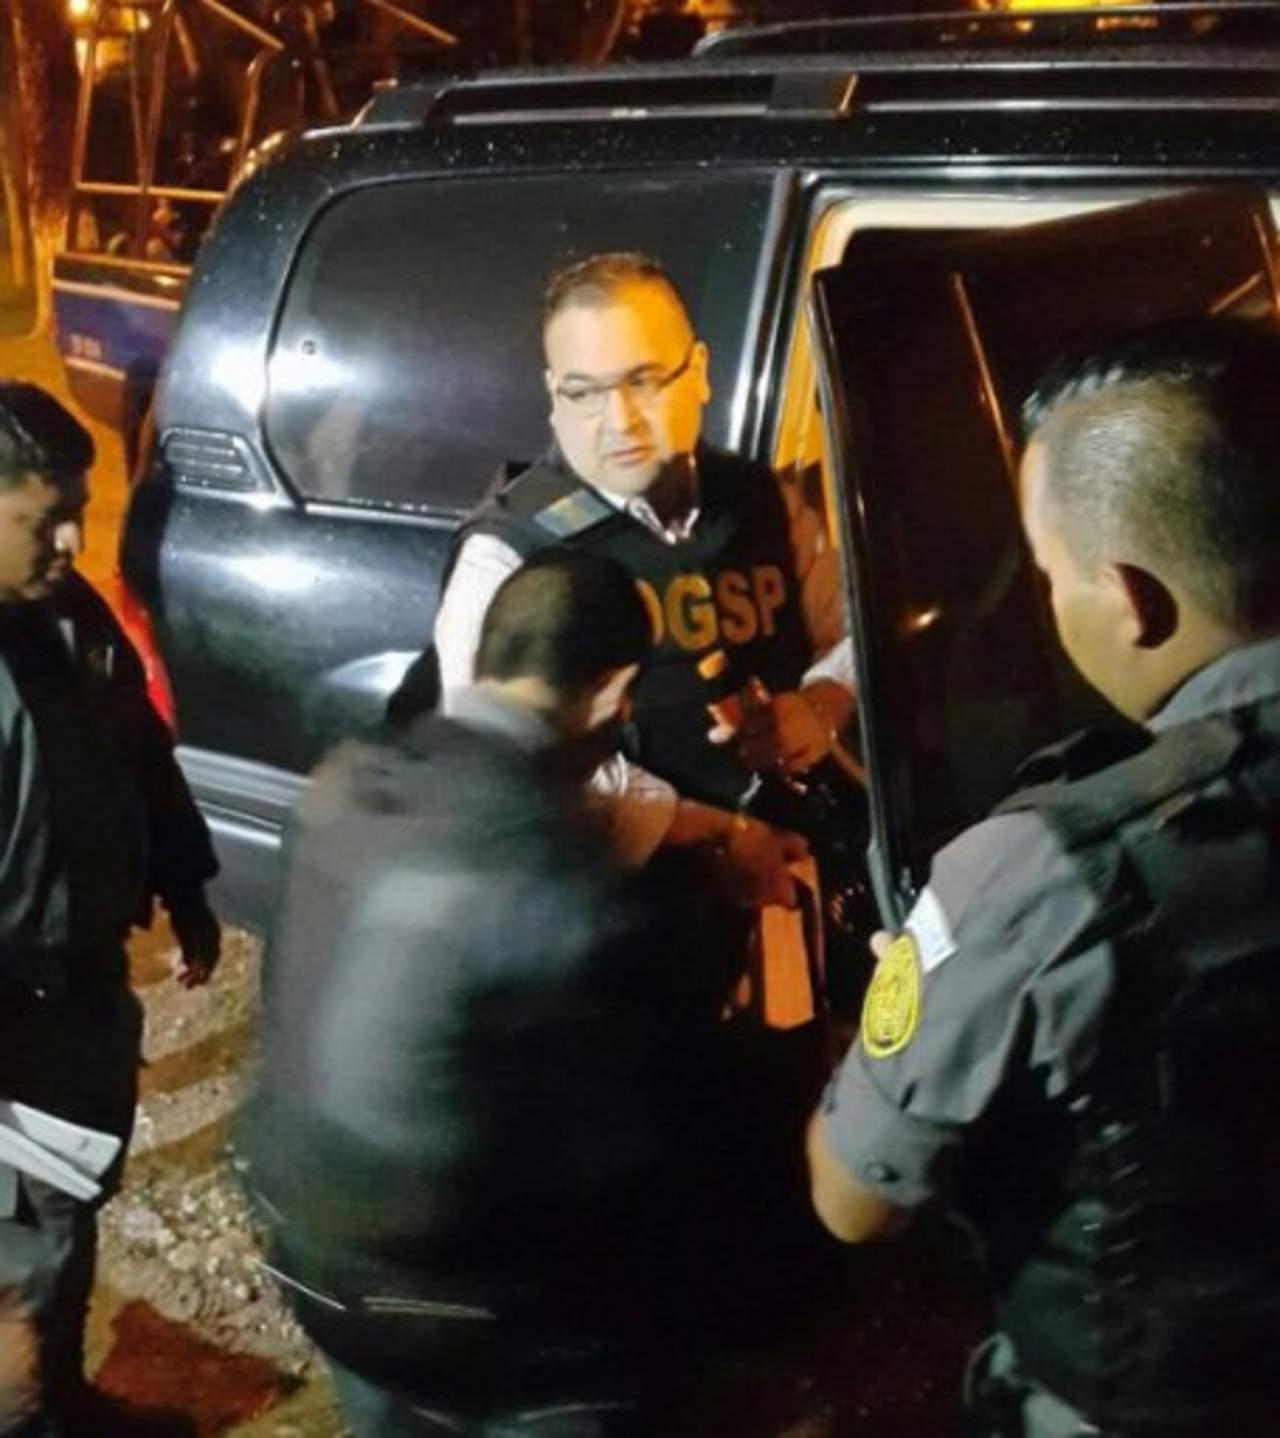 Llega Javier Duarte al hangar de fuerza aérea para extradición